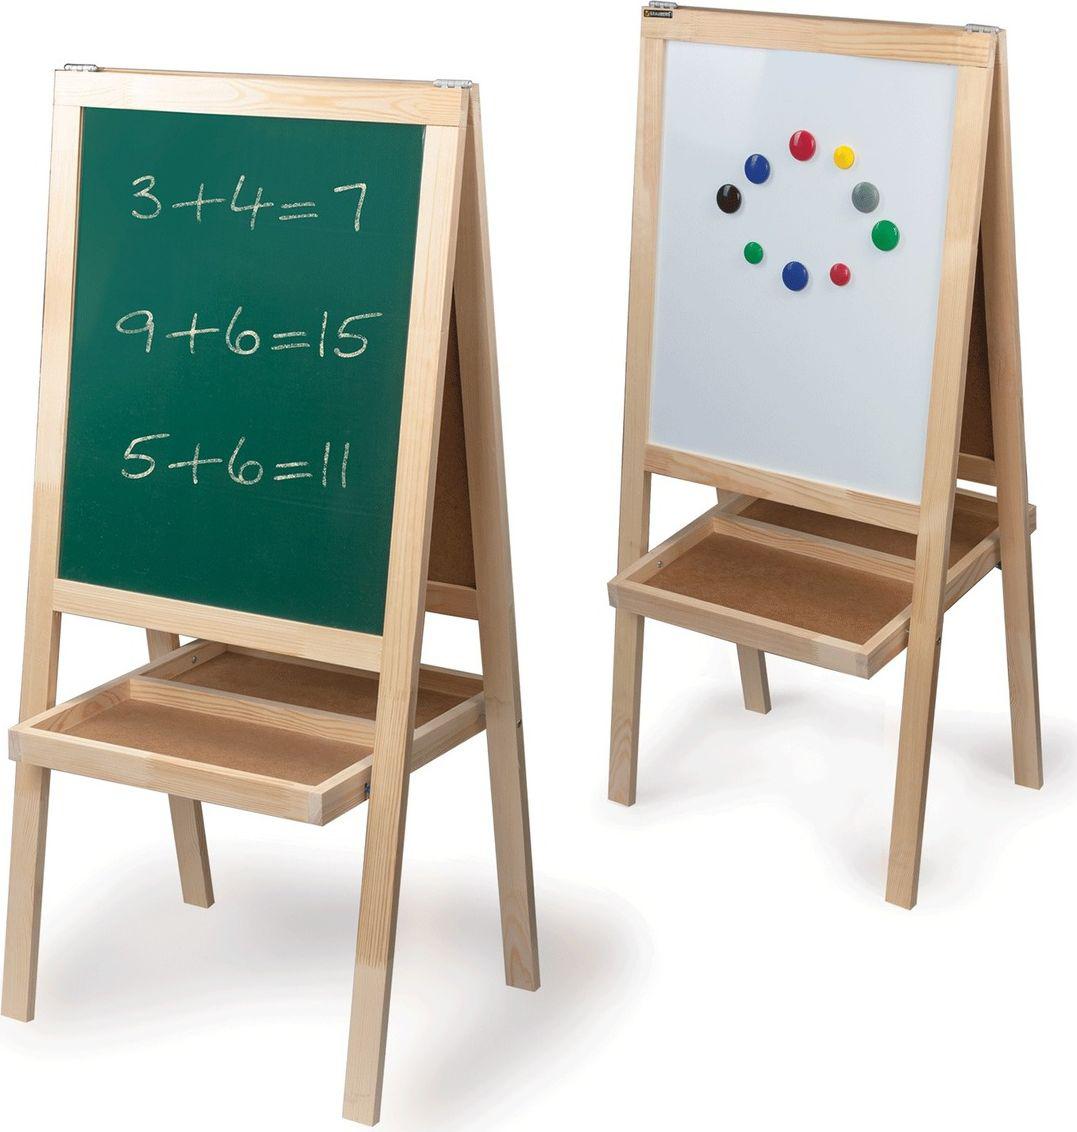 Предназначена для учебы и творчества. Легко перемещается. Белое лаковое покрытие используется для письма специальными маркерами для белой доски, зеленое - для письма мелом.